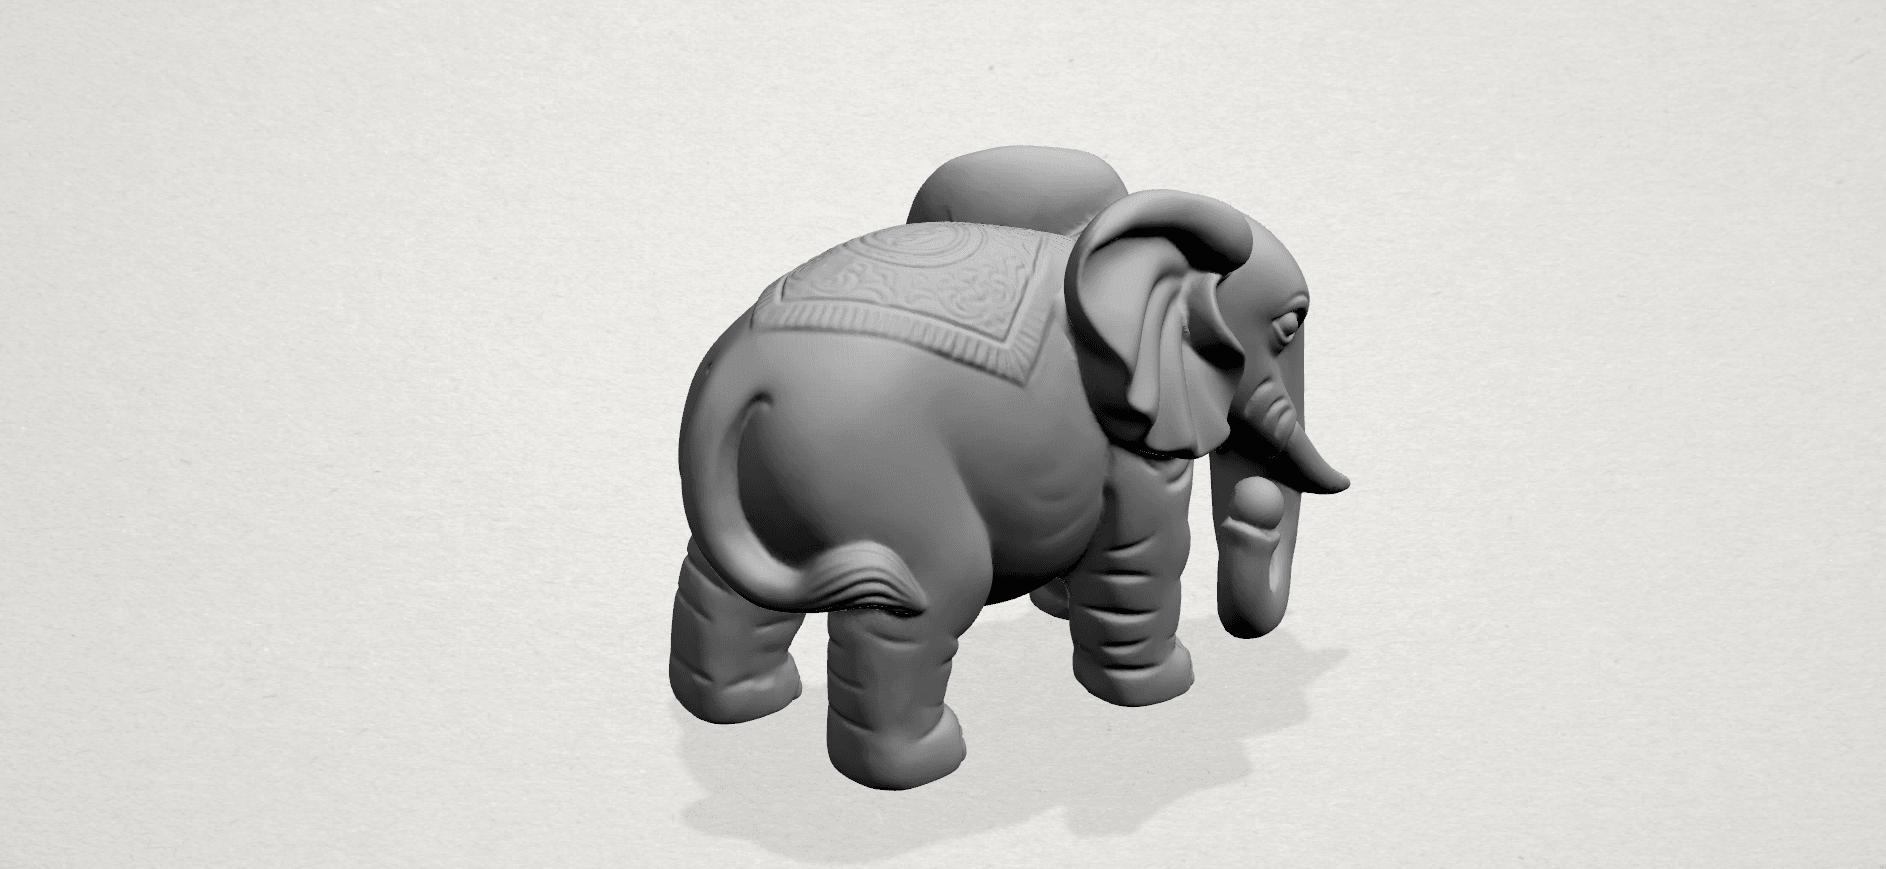 Elephant 03-A04.png Télécharger fichier STL gratuit Éléphant 03 • Modèle imprimable en 3D, GeorgesNikkei